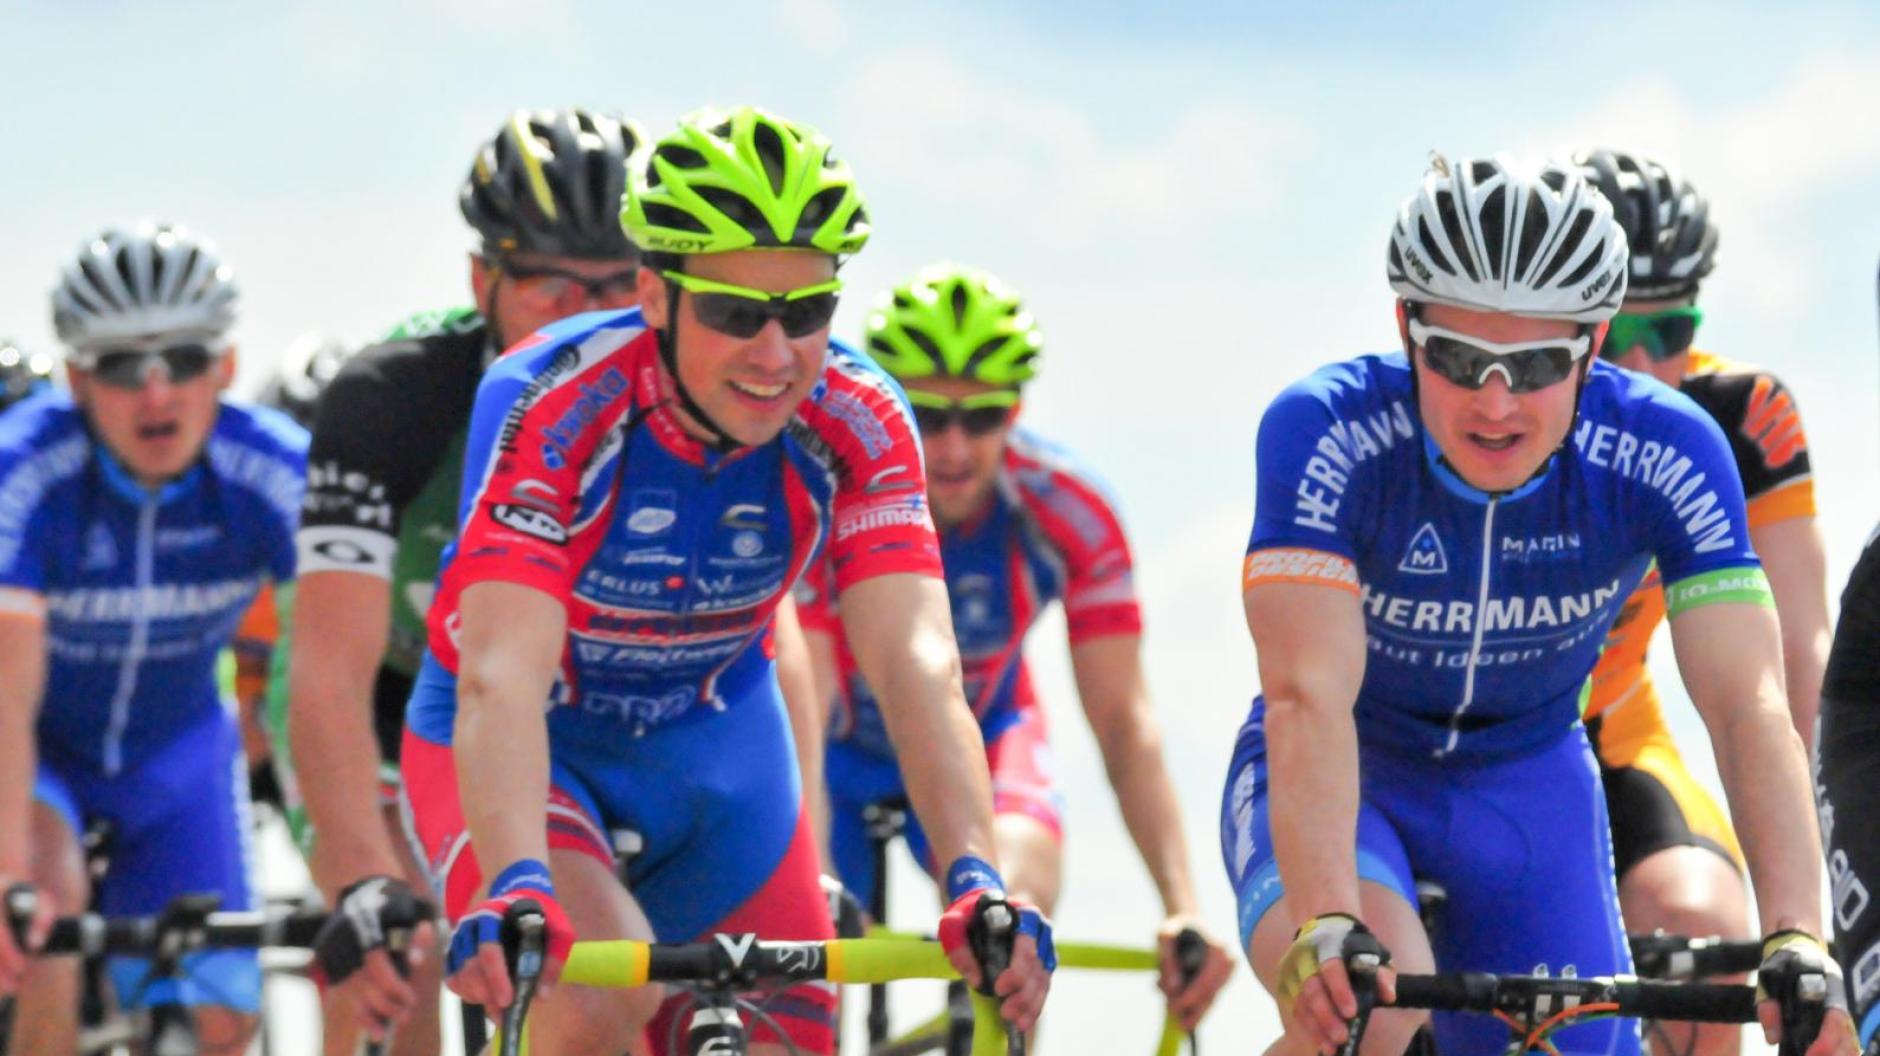 Radrennen: Ein Freund zerstört den Traum vom Hattrick